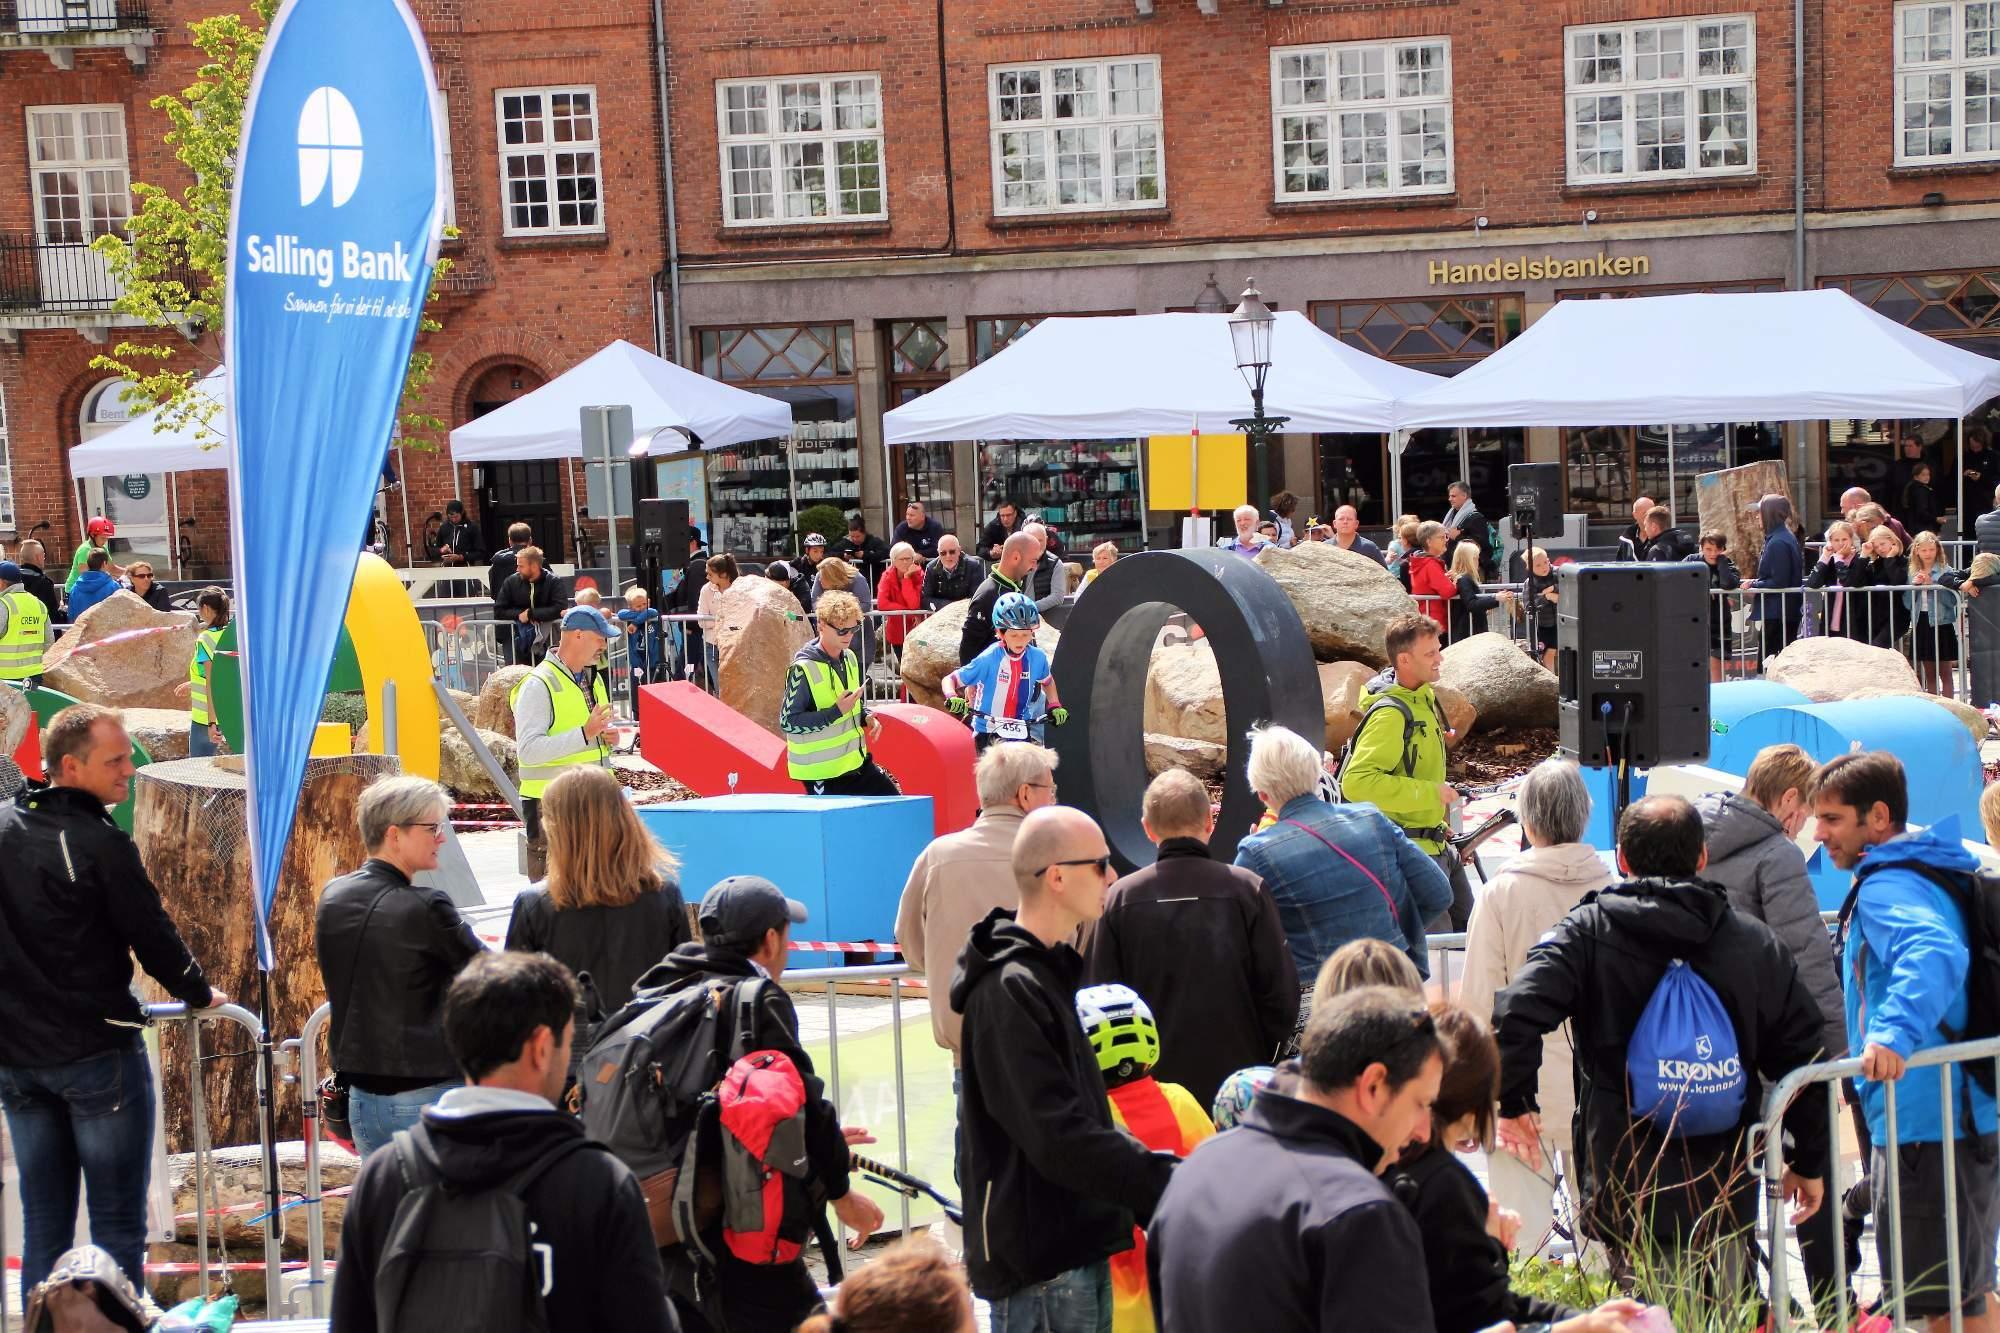 Viborg_foto2 (1)